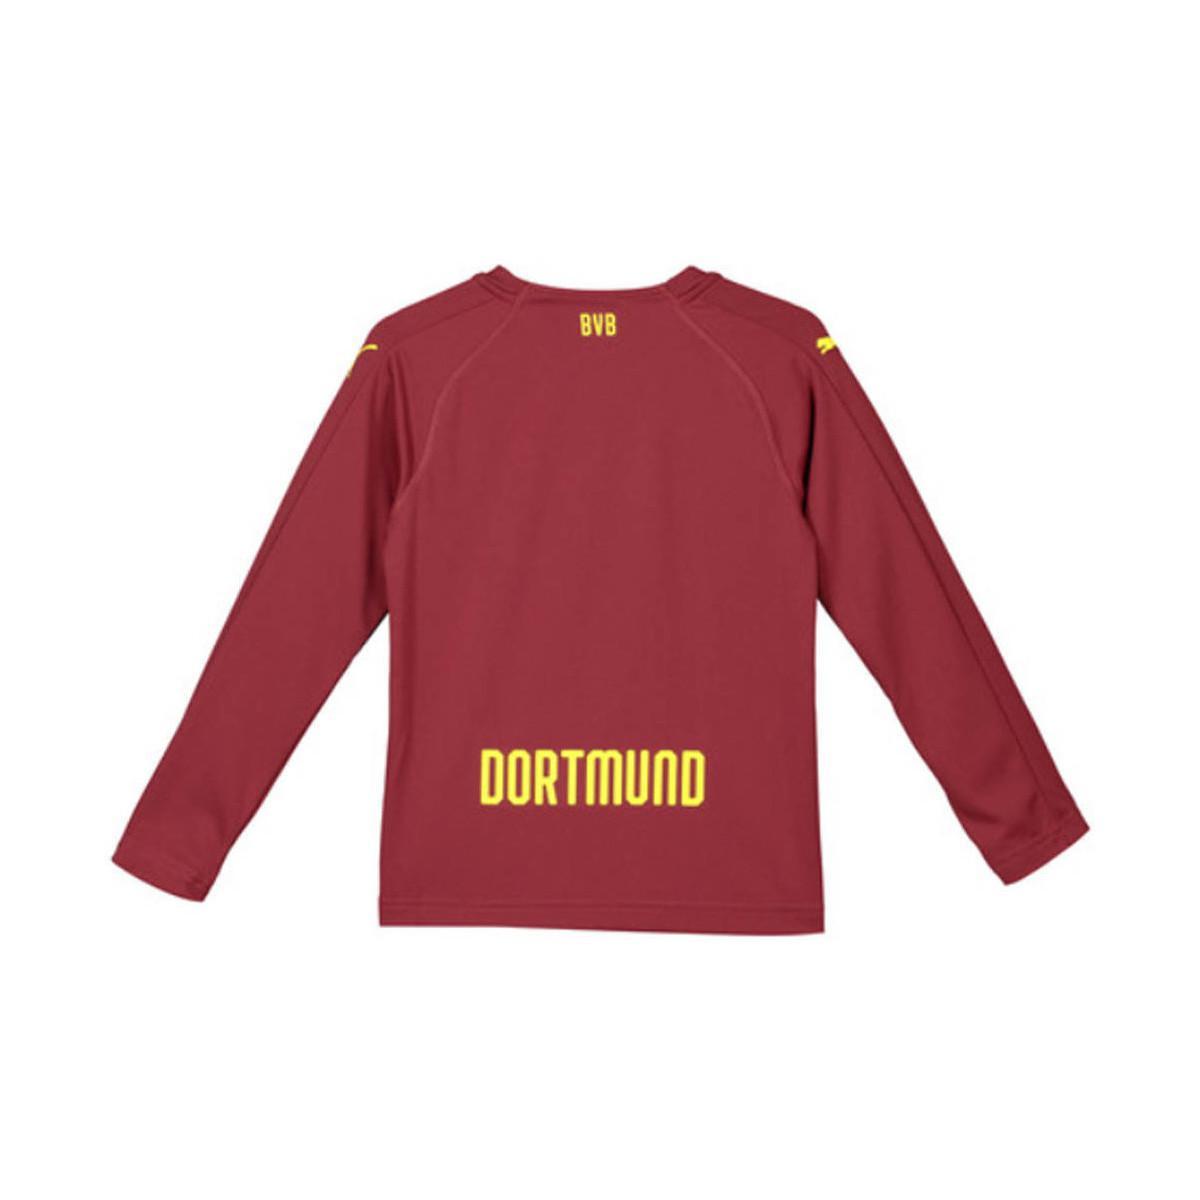 3641813d0d8 PUMA 2018-2019 Borussia Dortmund Away Goalkeeper Shirt Pomegranate ...